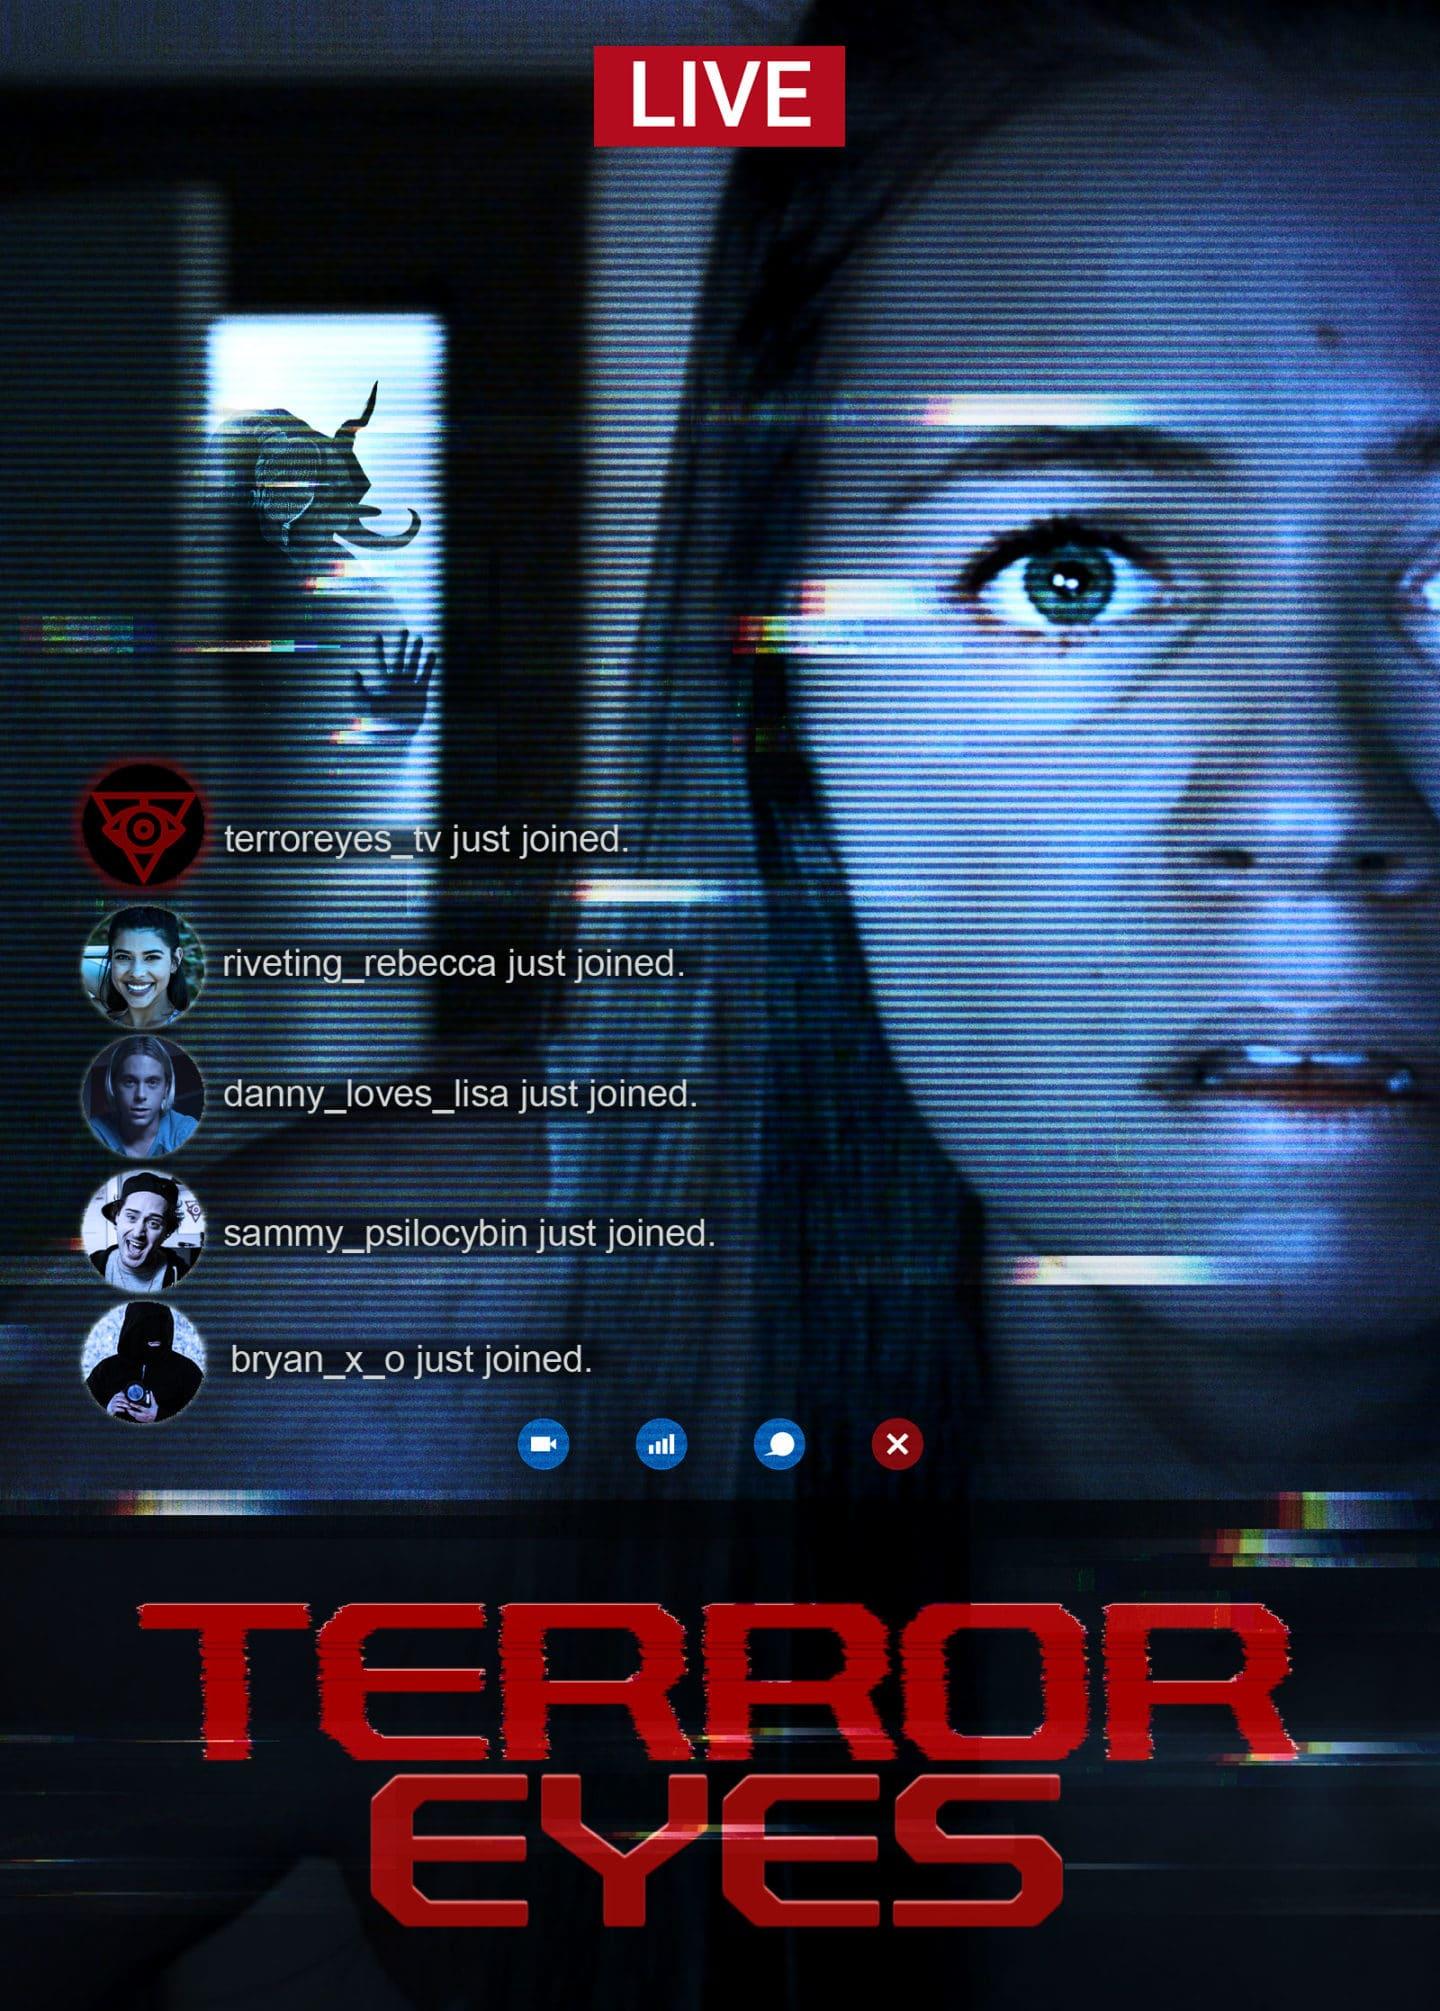 Terror Eyes – Teaser Poster